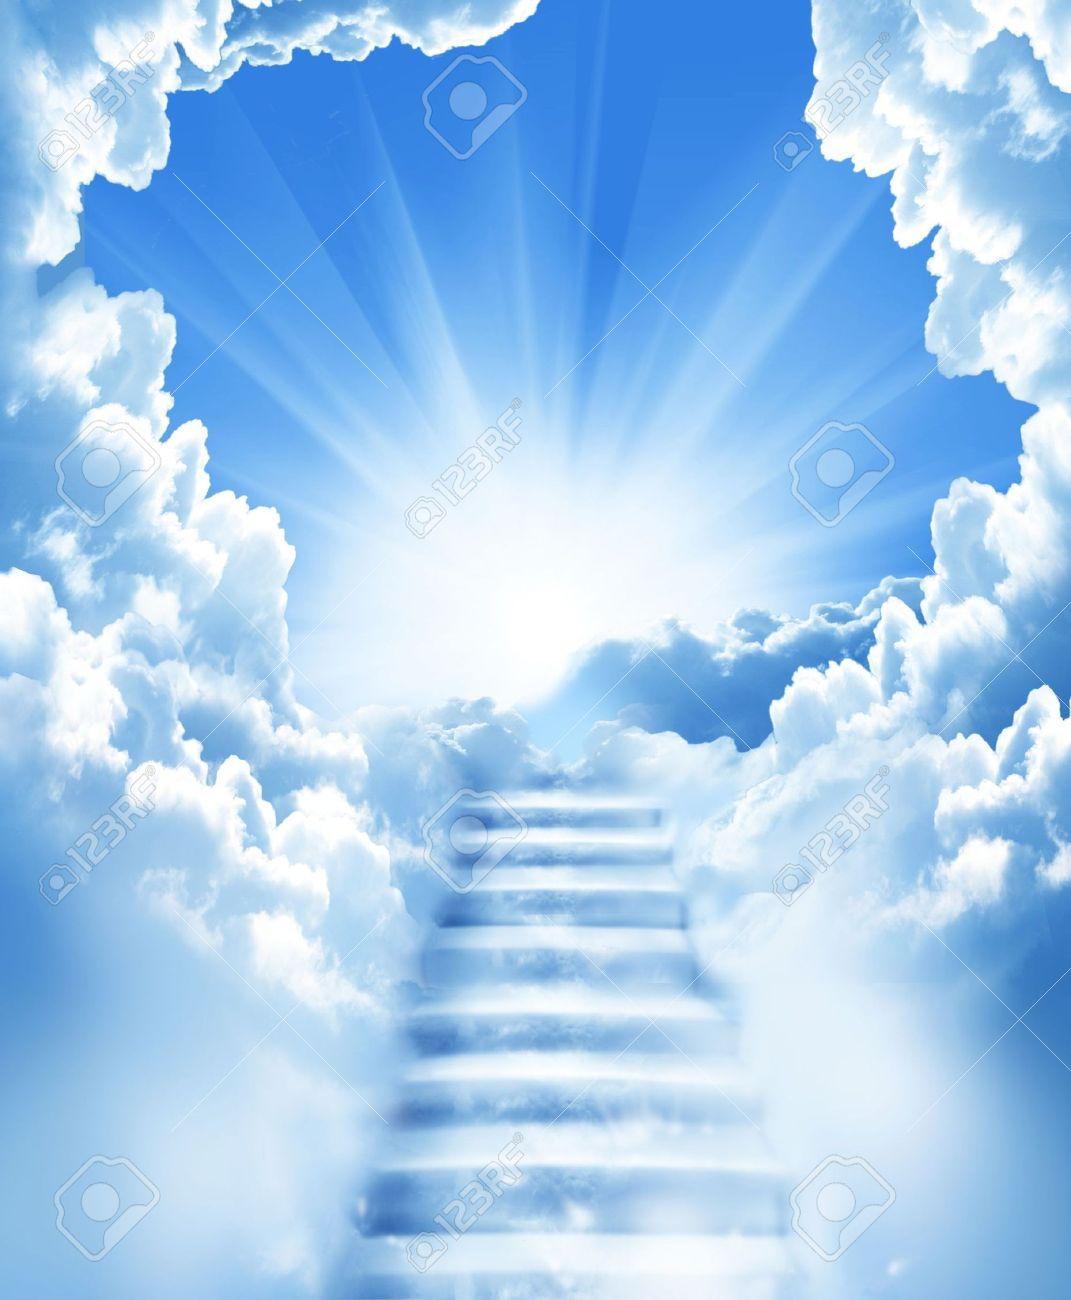 7574145-escaliers-dans-le-ciel--Banque-d'images